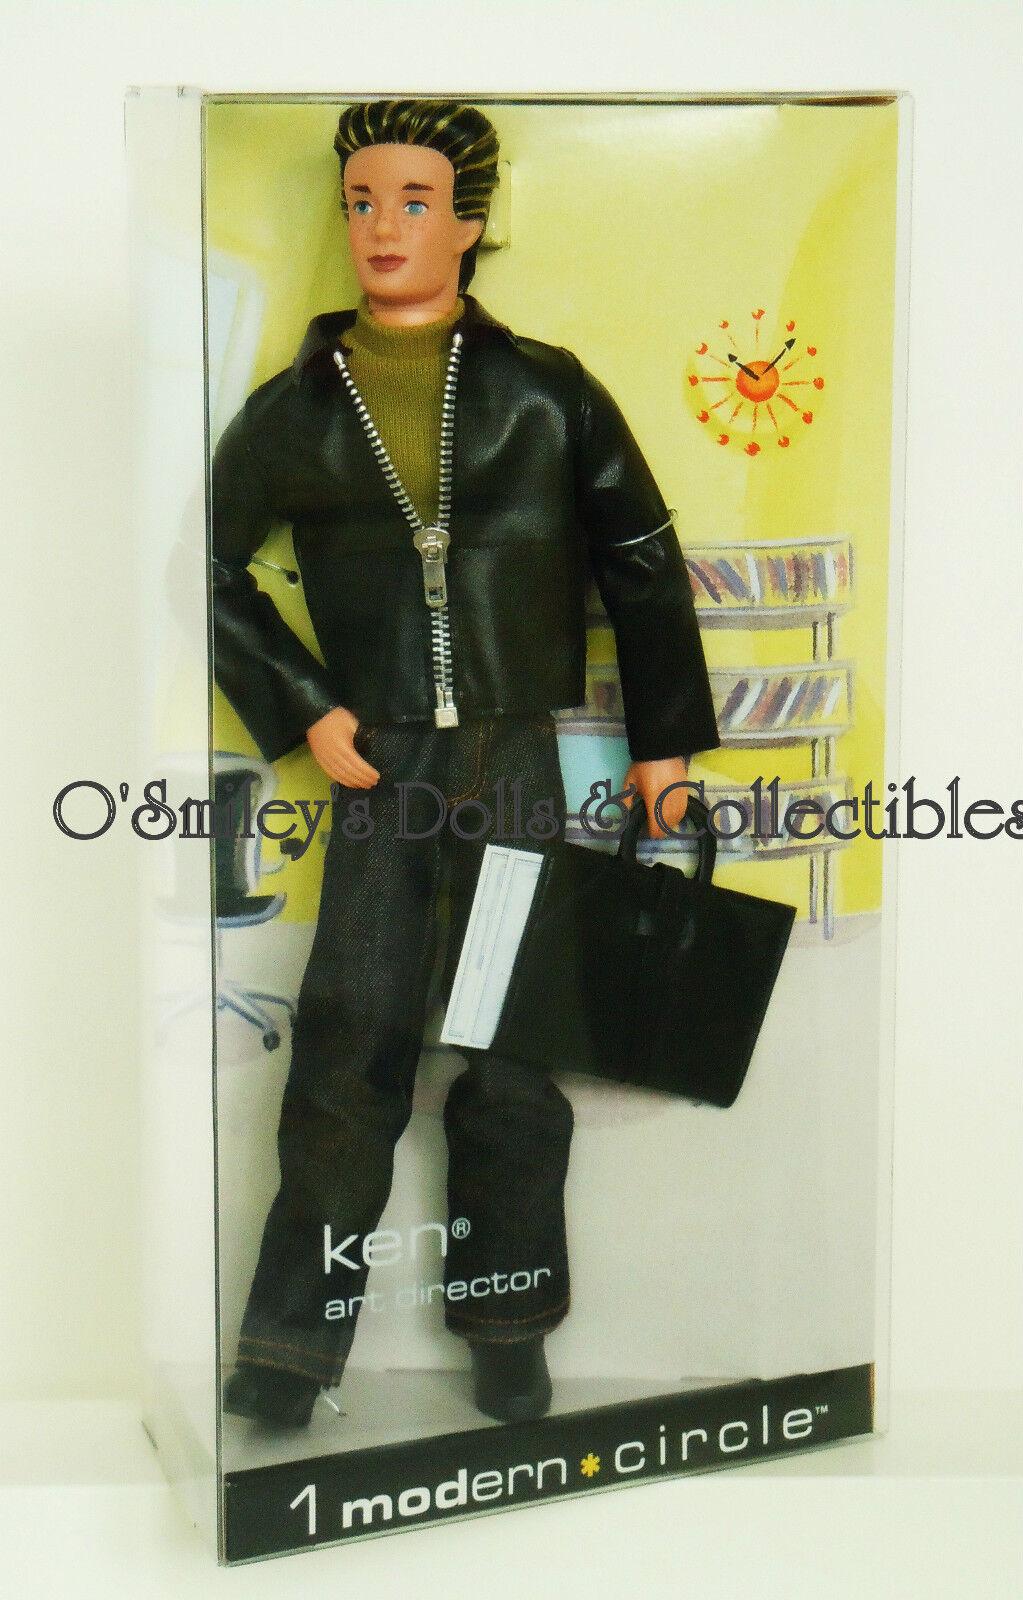 1 Moderno círculo Ken 2003 director de arte Articulada De Barbie Vintage fm_b2524_nrfb